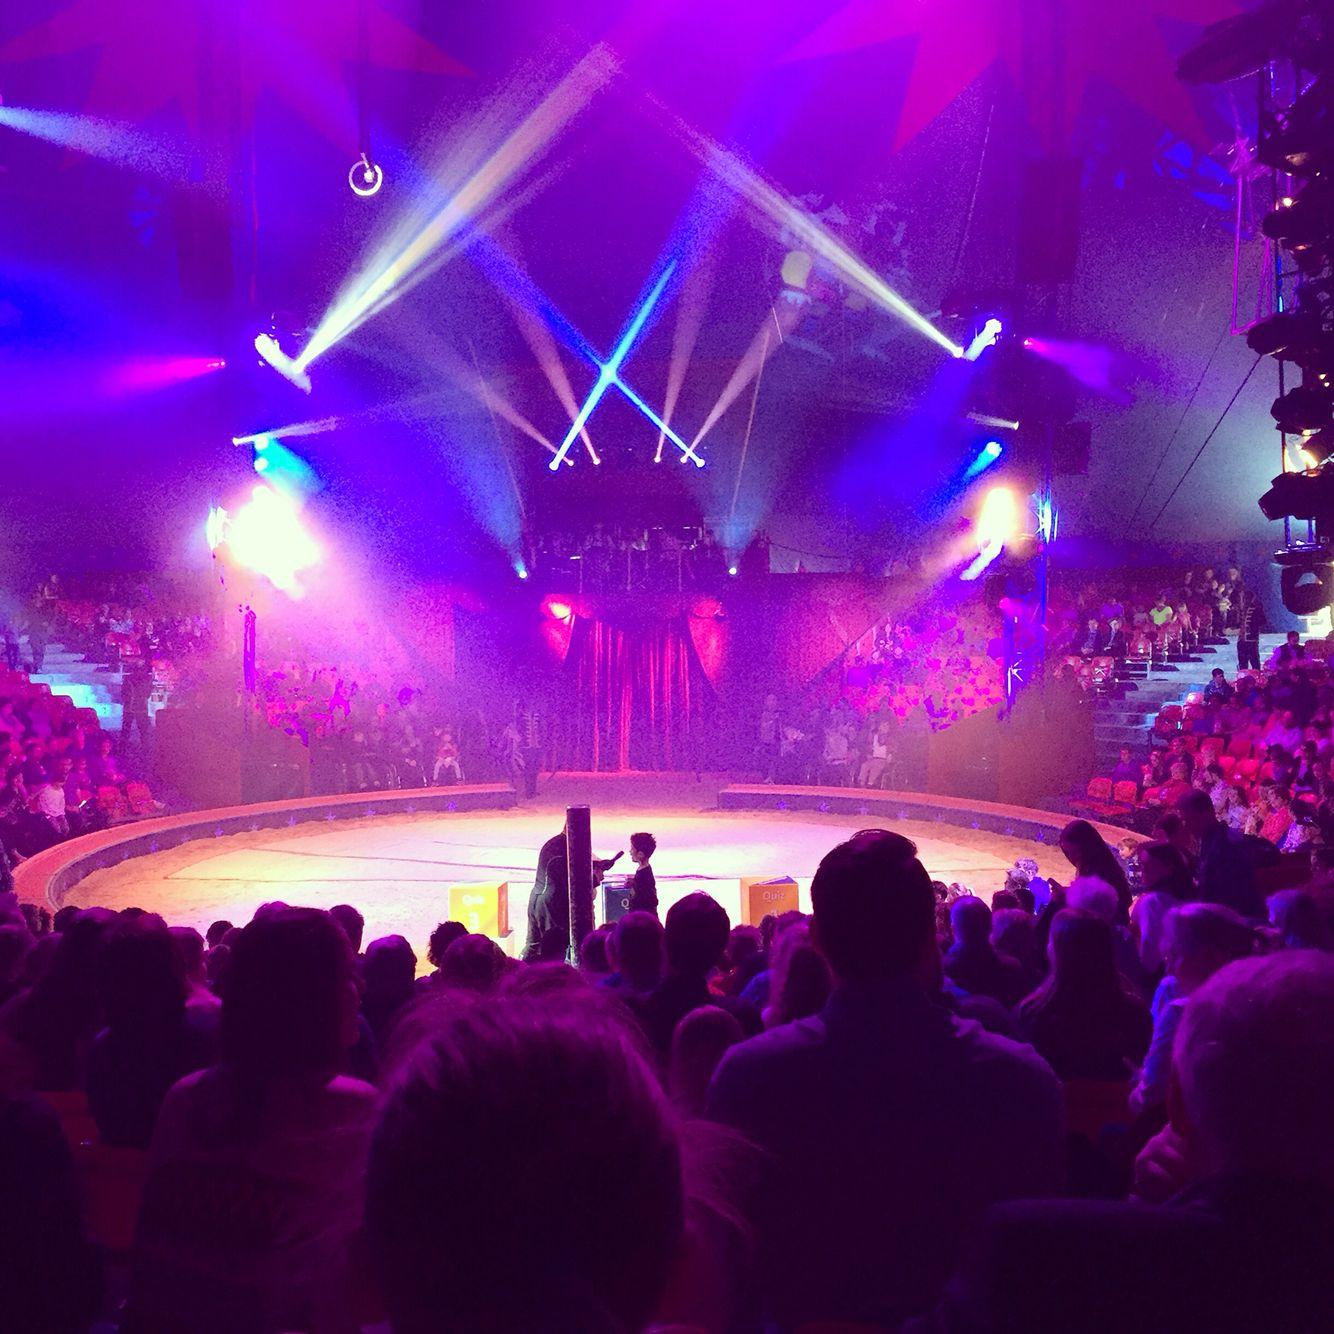 Zirkus Knie 2016! sehr empfehlenswert.